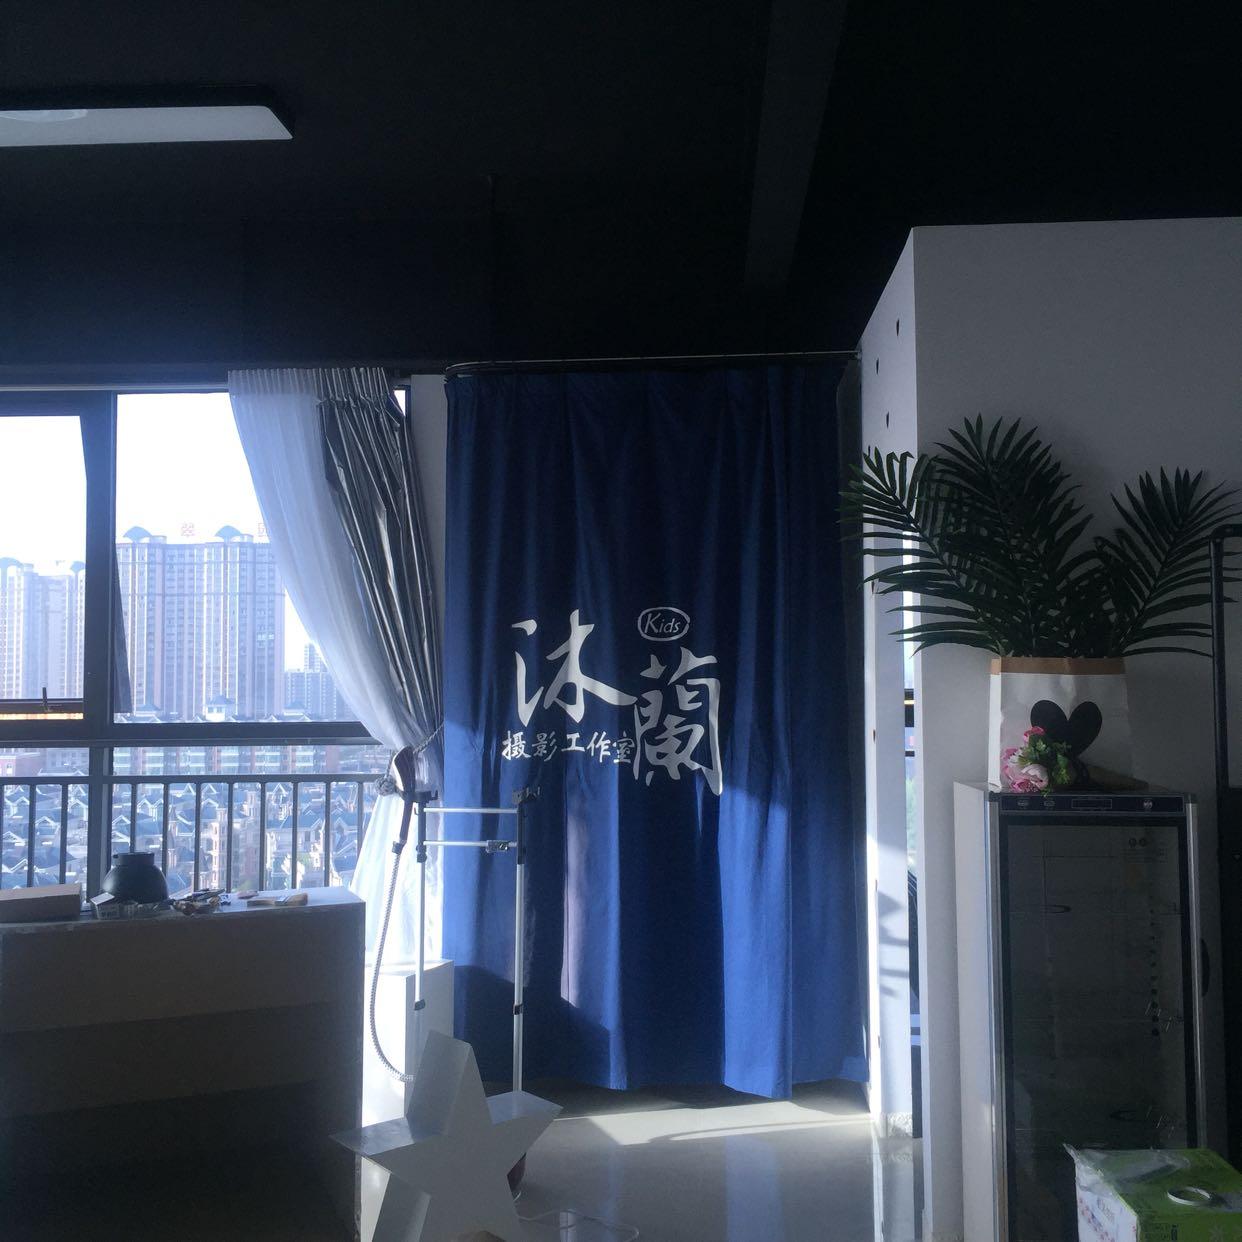 police in zaveso garderobe oblačili bo prilagojeno zaveso garderobe senčenje in pol pol zaveso garderobe kotu.